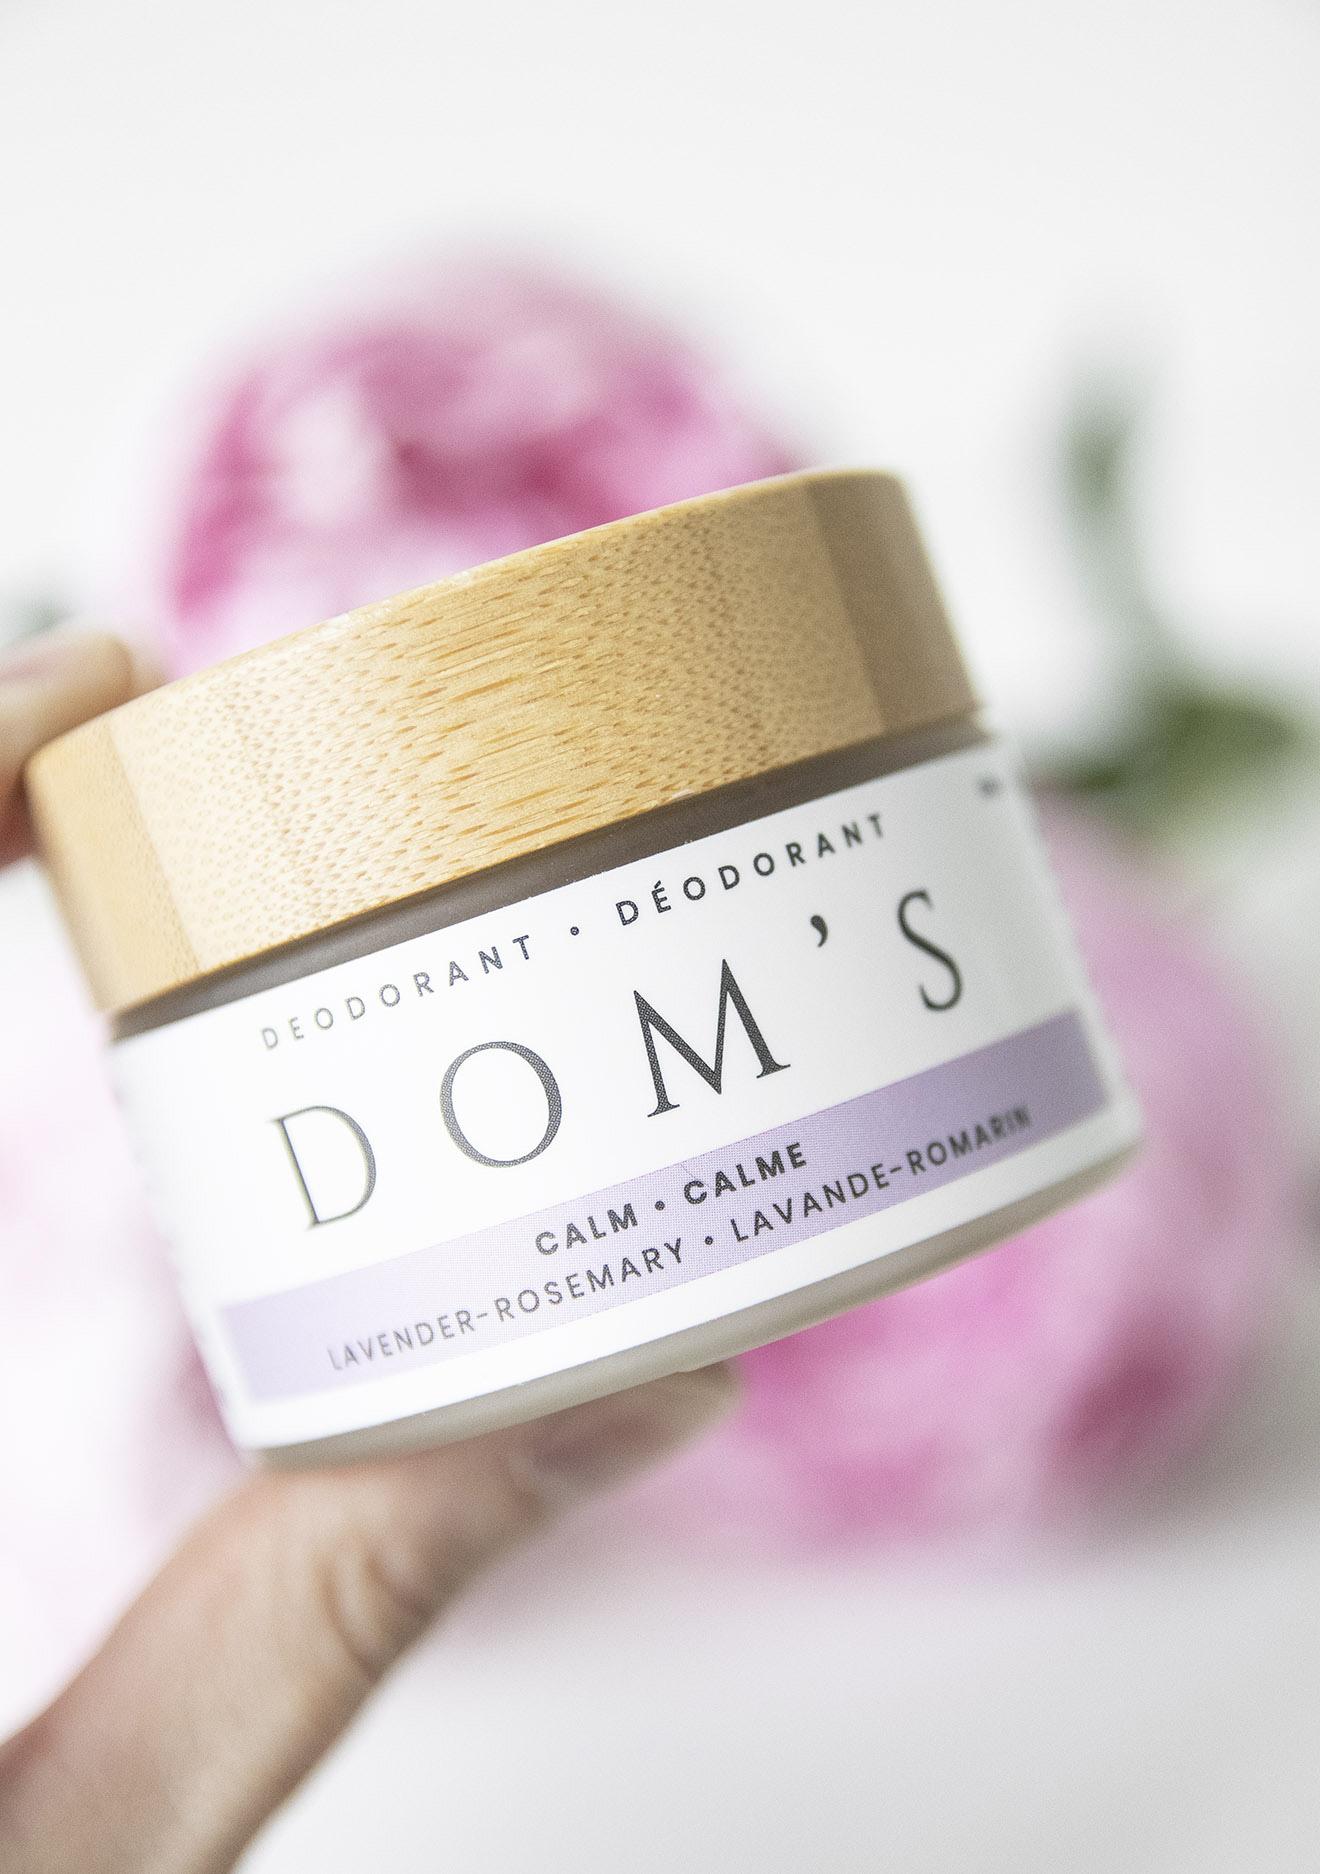 Doms Natural Deodorant Calm